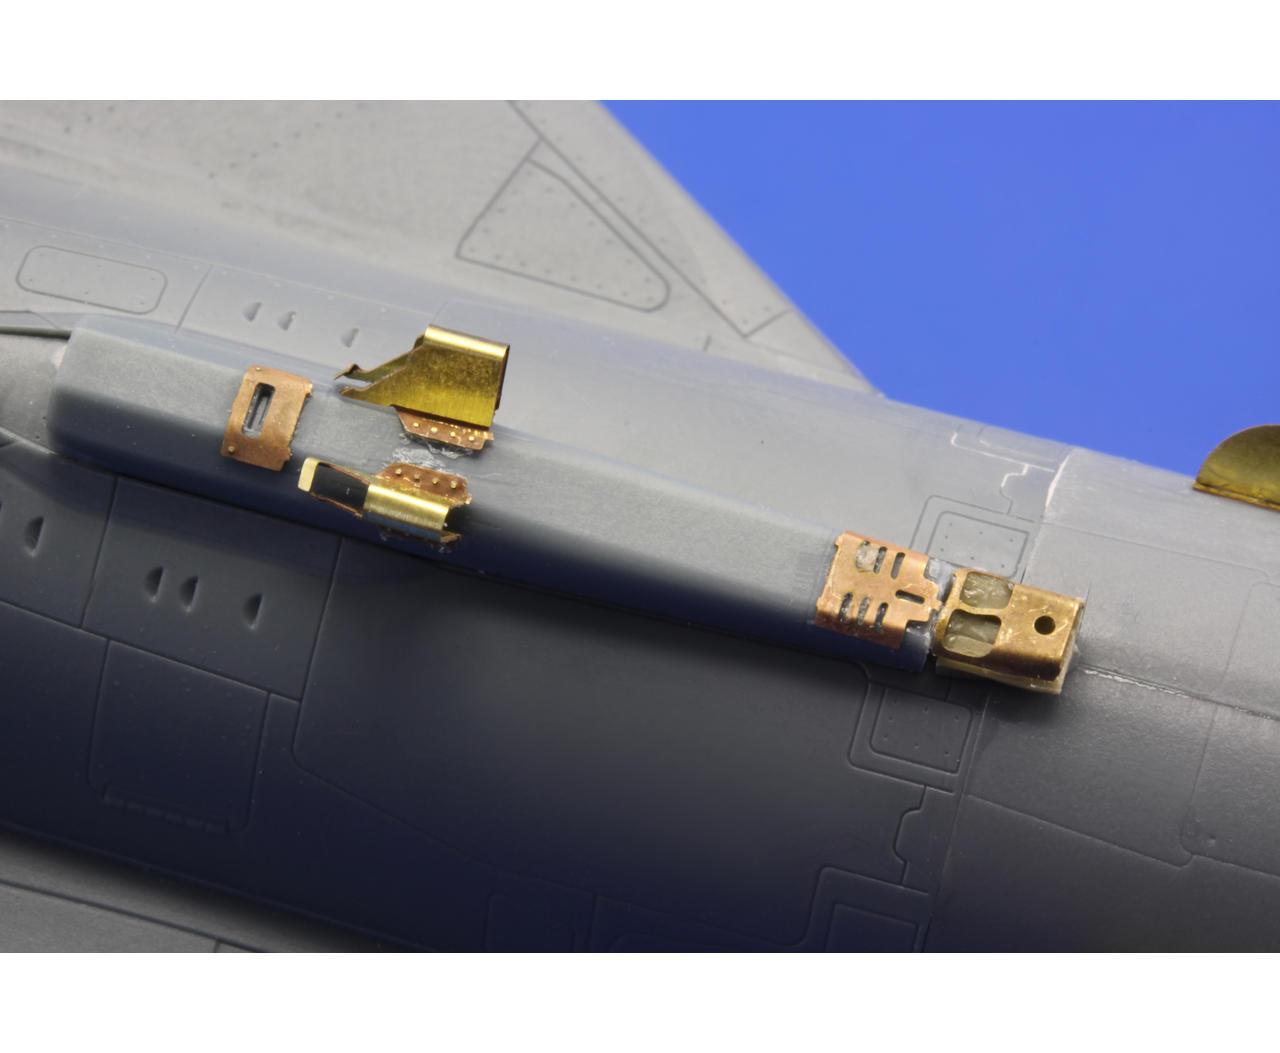 Eduard Accessories 48702 MiG-21 MF exterior for Eduard in 1:48